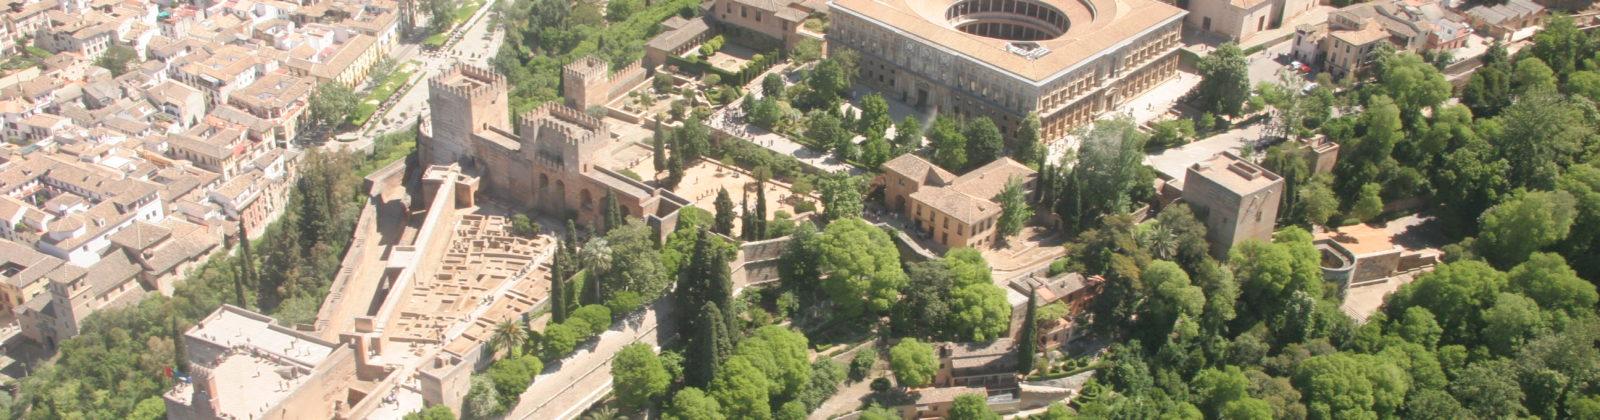 La Alhambra en Granada - Ciudad de Vacaciones